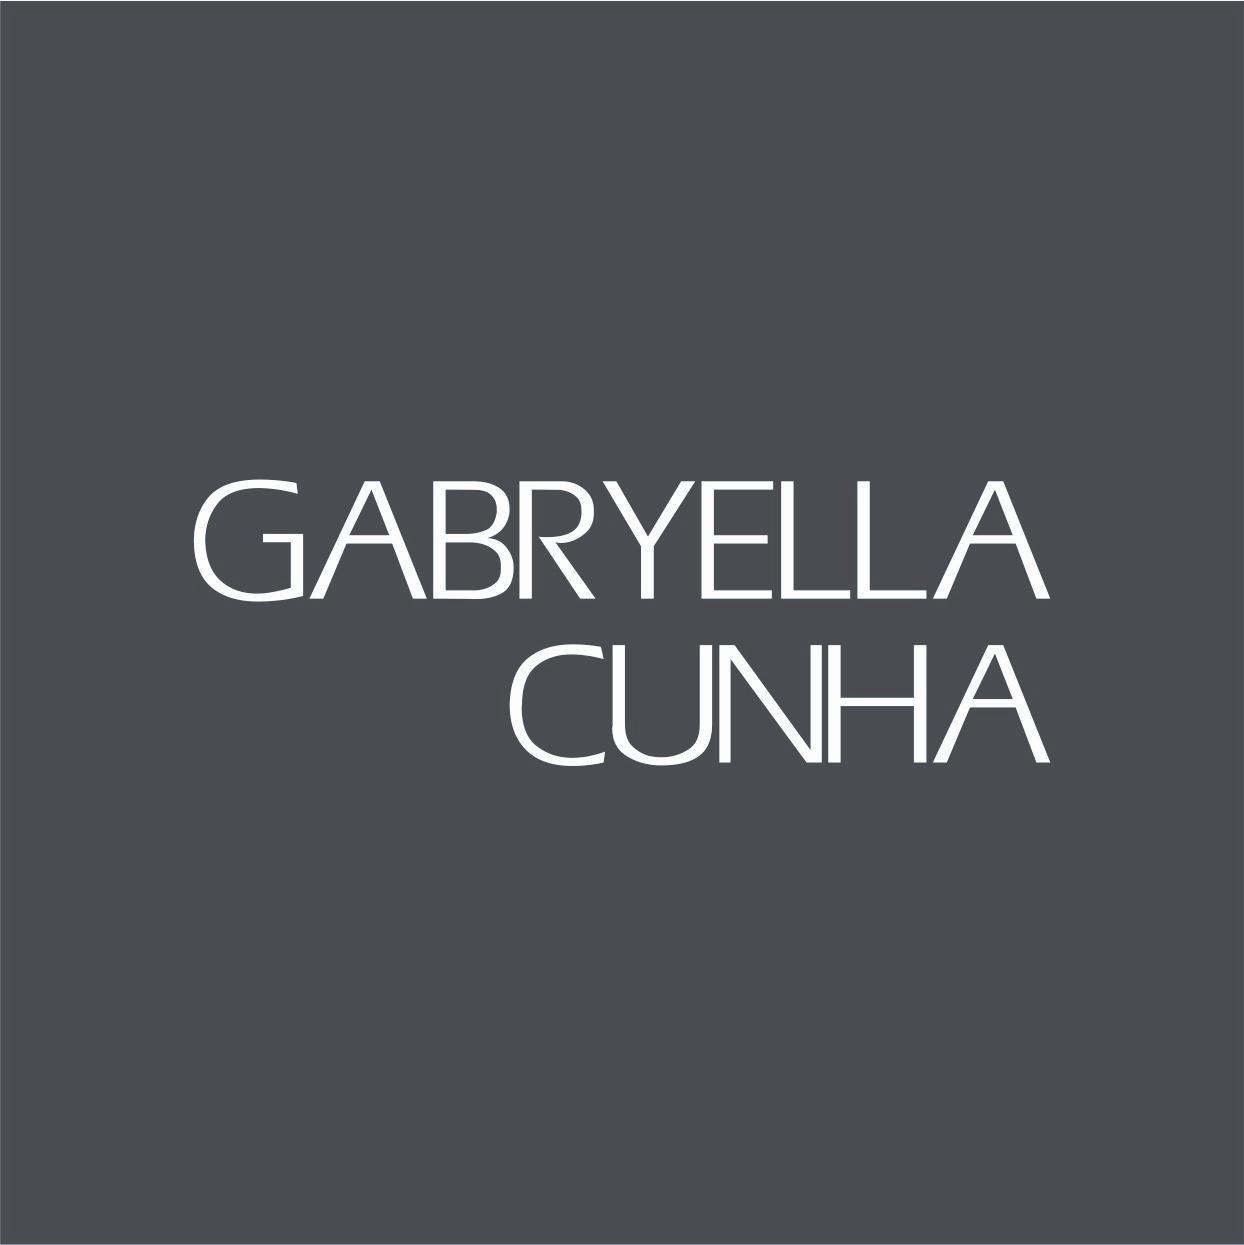 GABRYELLA CUNHA ARQUITETURA